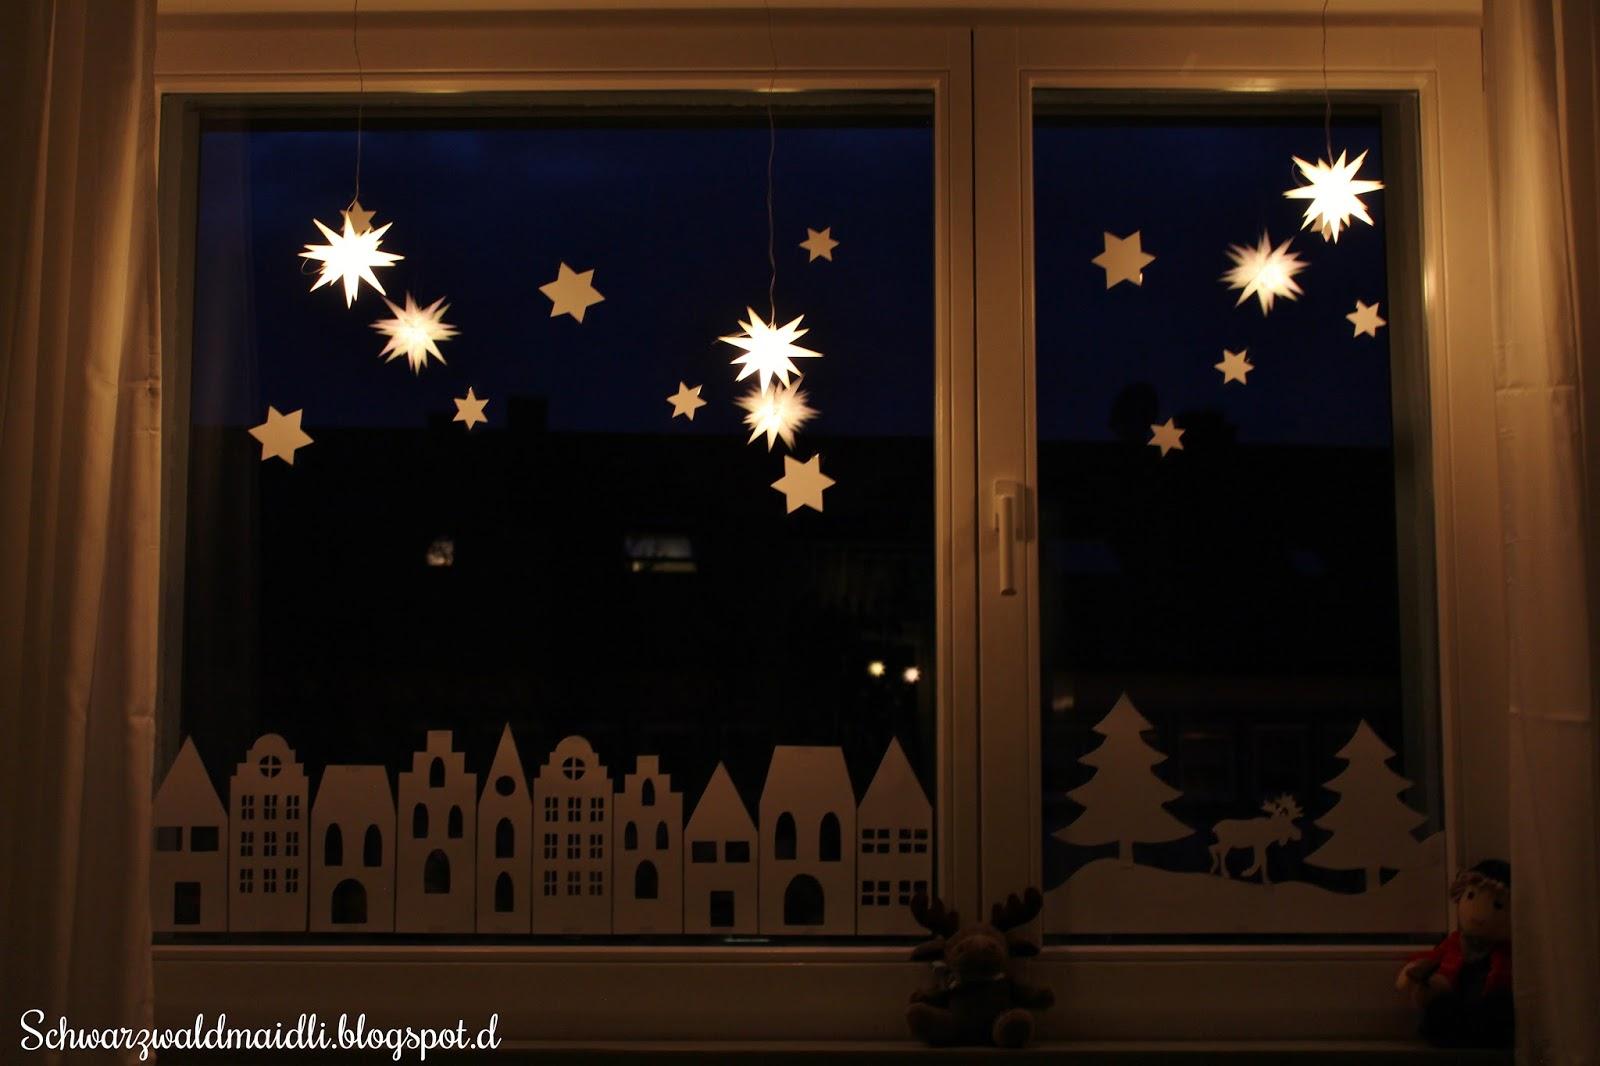 schwarzwaldmaidli xmas unser weihnachtsfenster der blog adventskalender. Black Bedroom Furniture Sets. Home Design Ideas